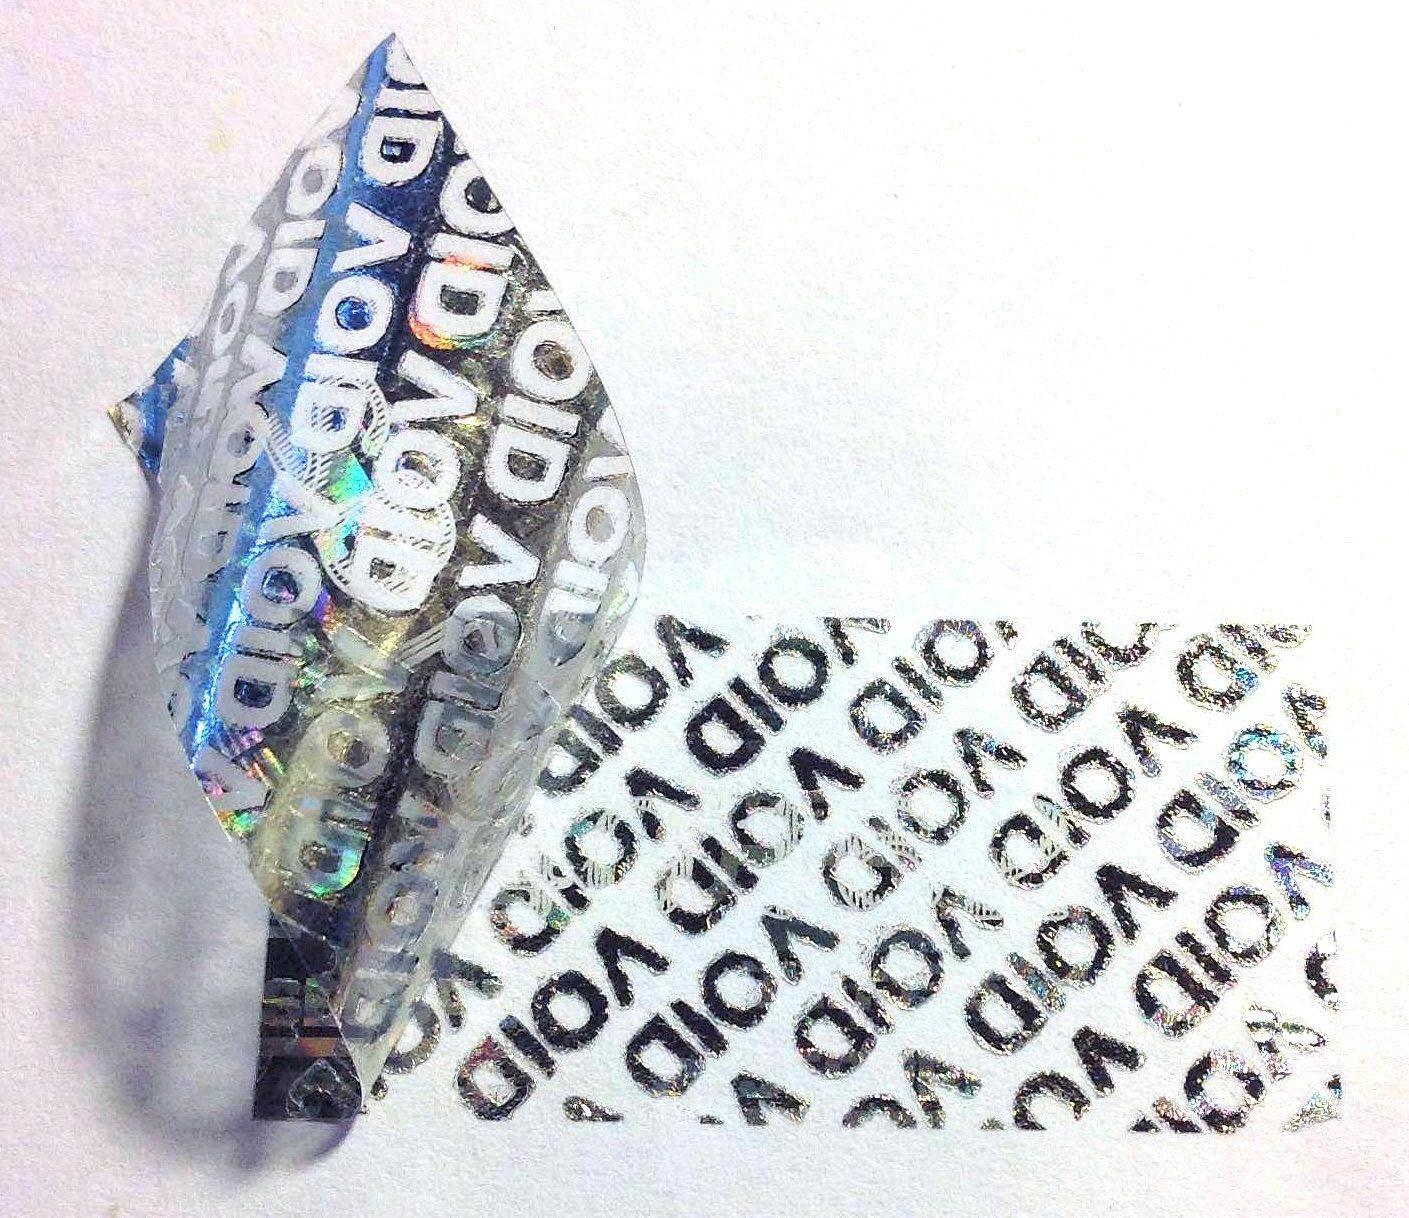 30 mm x 10 mm etiquetas garantía numerado etiquetas mm holograma pegatinas, rectangular, Original, con precinto, Secure, válida, auténtico, genuino, seguridad, color plata 07536a